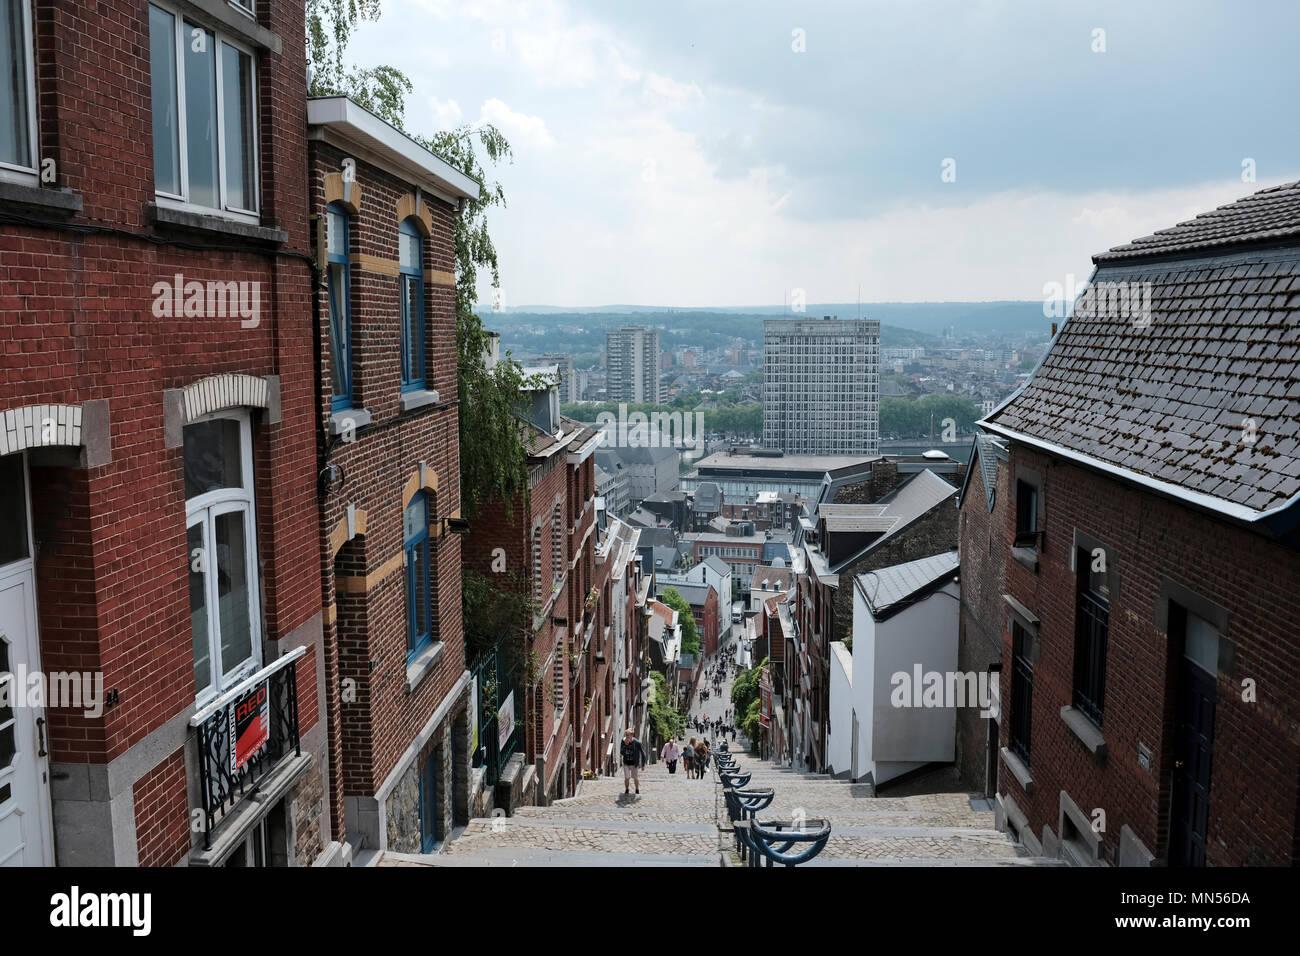 Montagne de Bueren, Liège, Belgio. La ripida 374-passo scala dispone di notorietà acquisita su internet ed è un simbolo della città belga. Immagini Stock